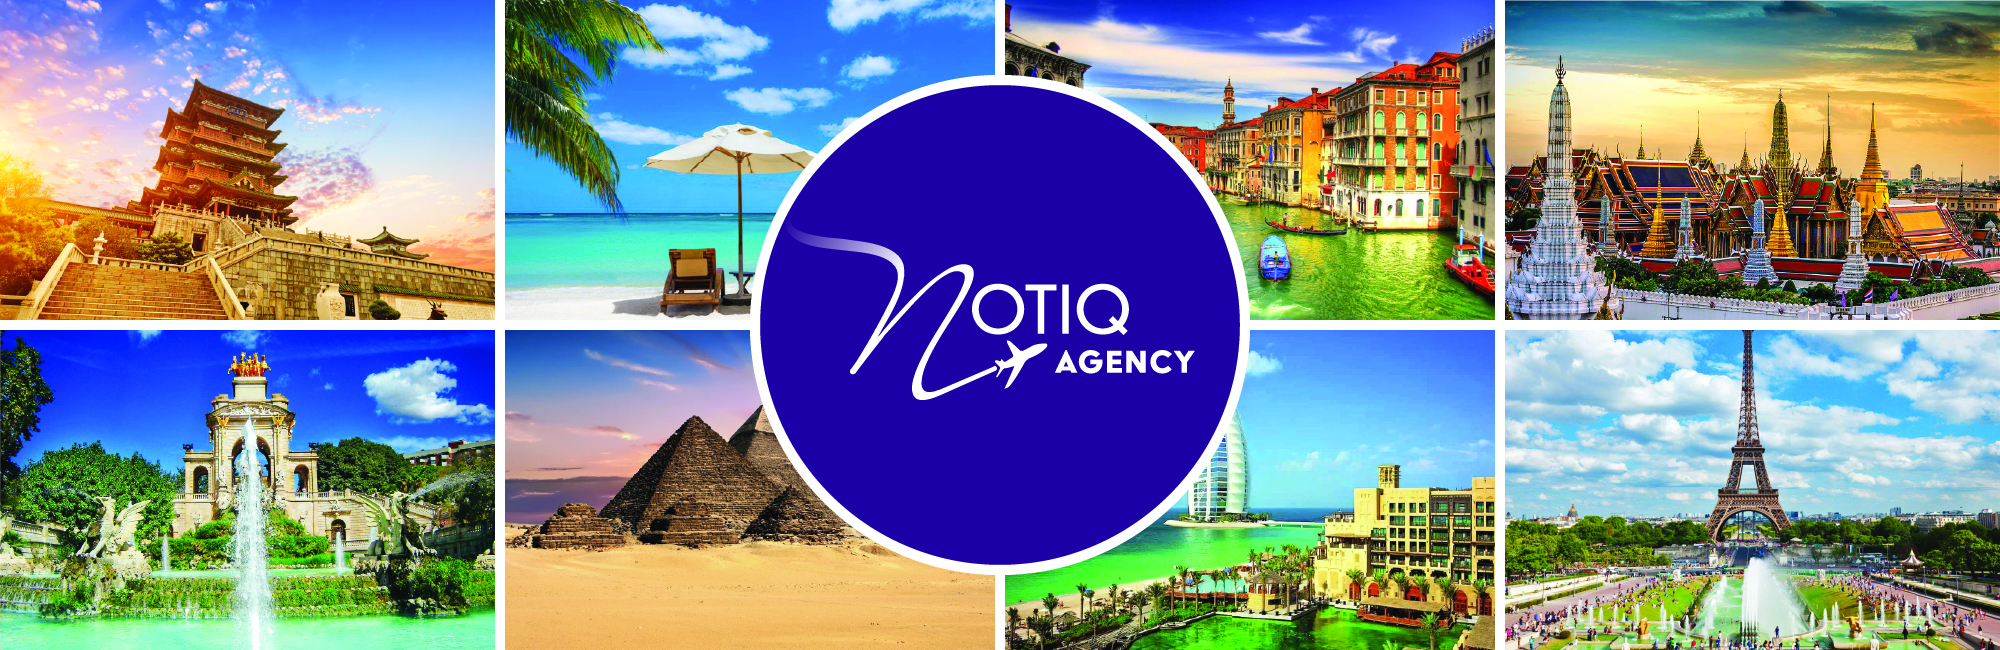 Notiq Agency™ - Full-Service Travel Company